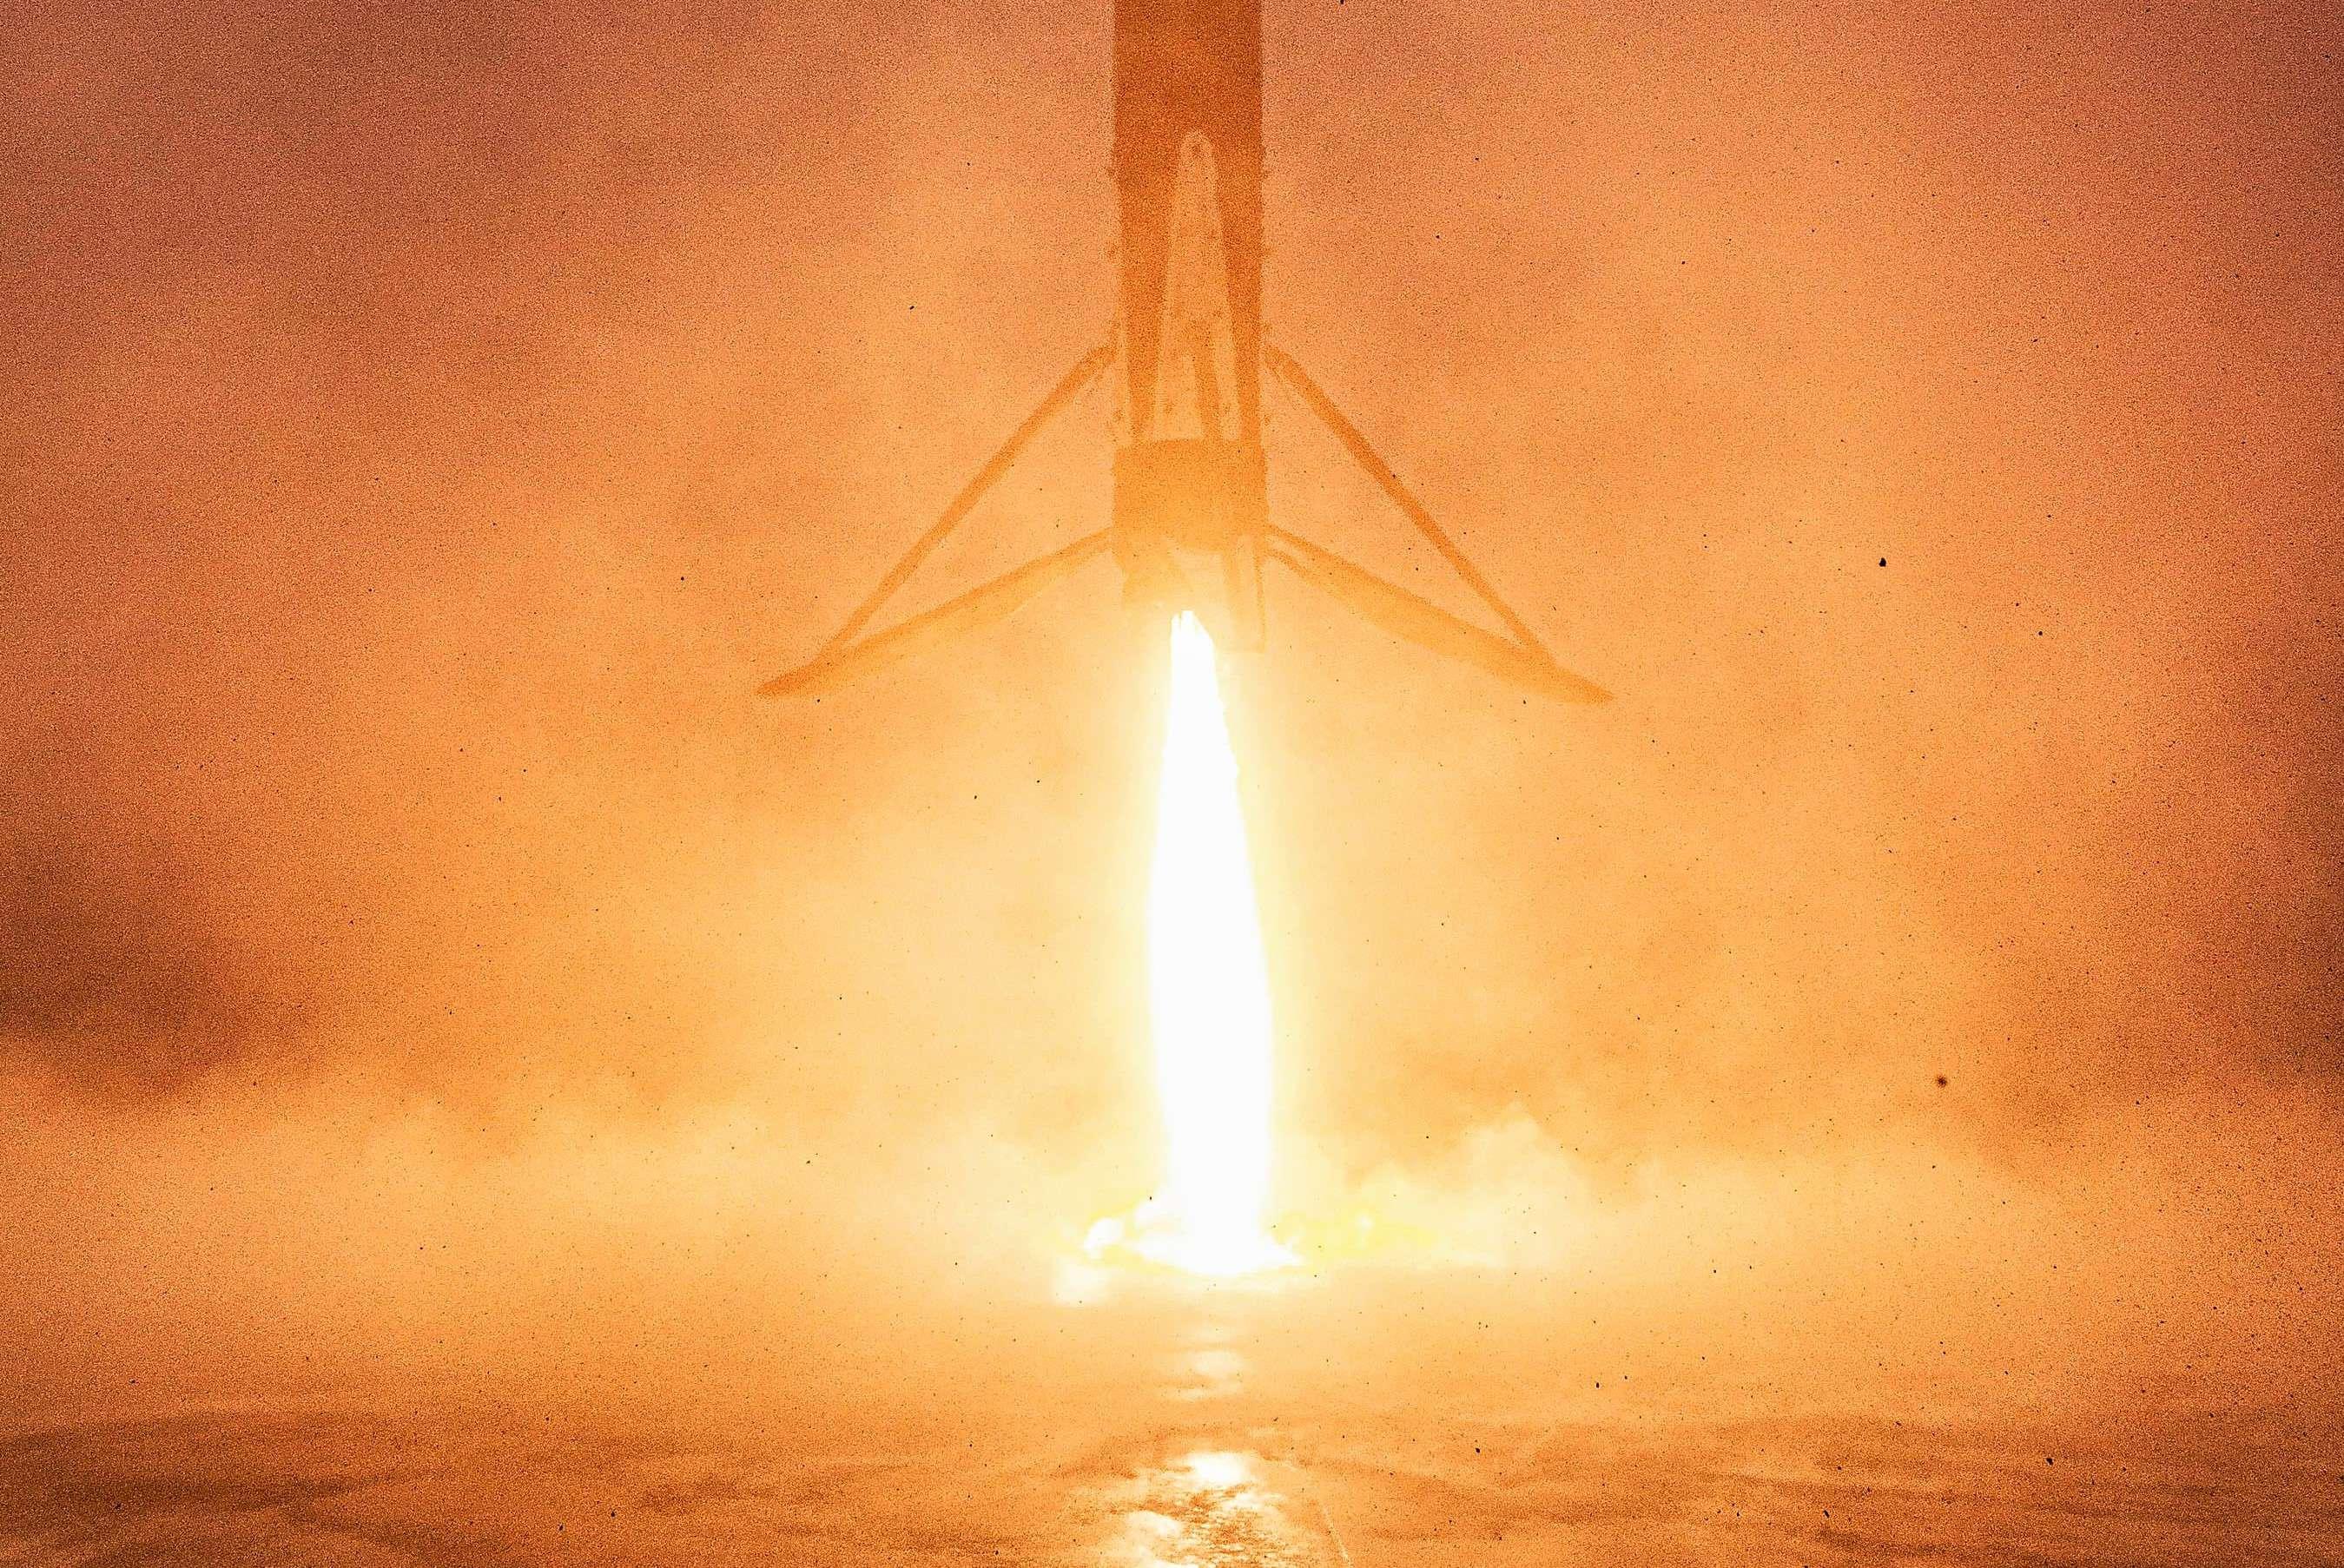 Falcon 9 B1051 RCM landing SLC-4E LZ-4 (SpaceX) 2 crop (c)